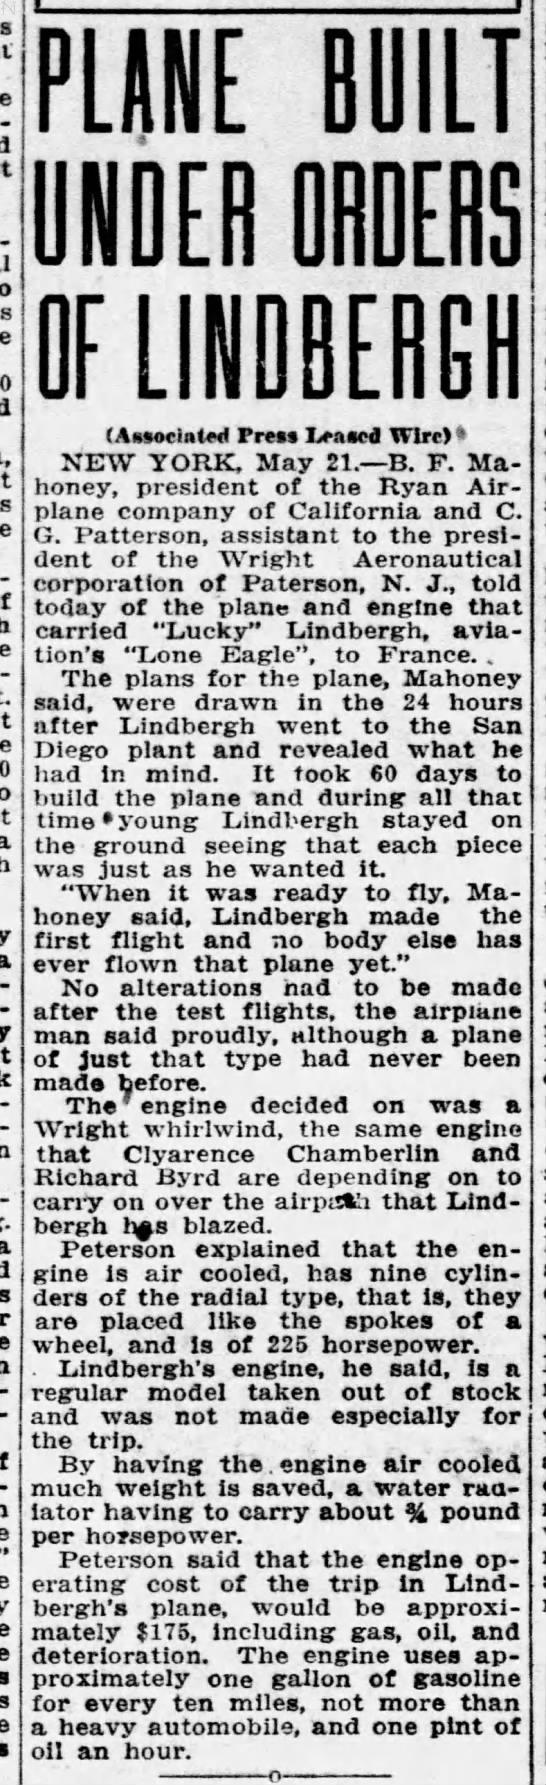 Plane built under orders of Lindbergh